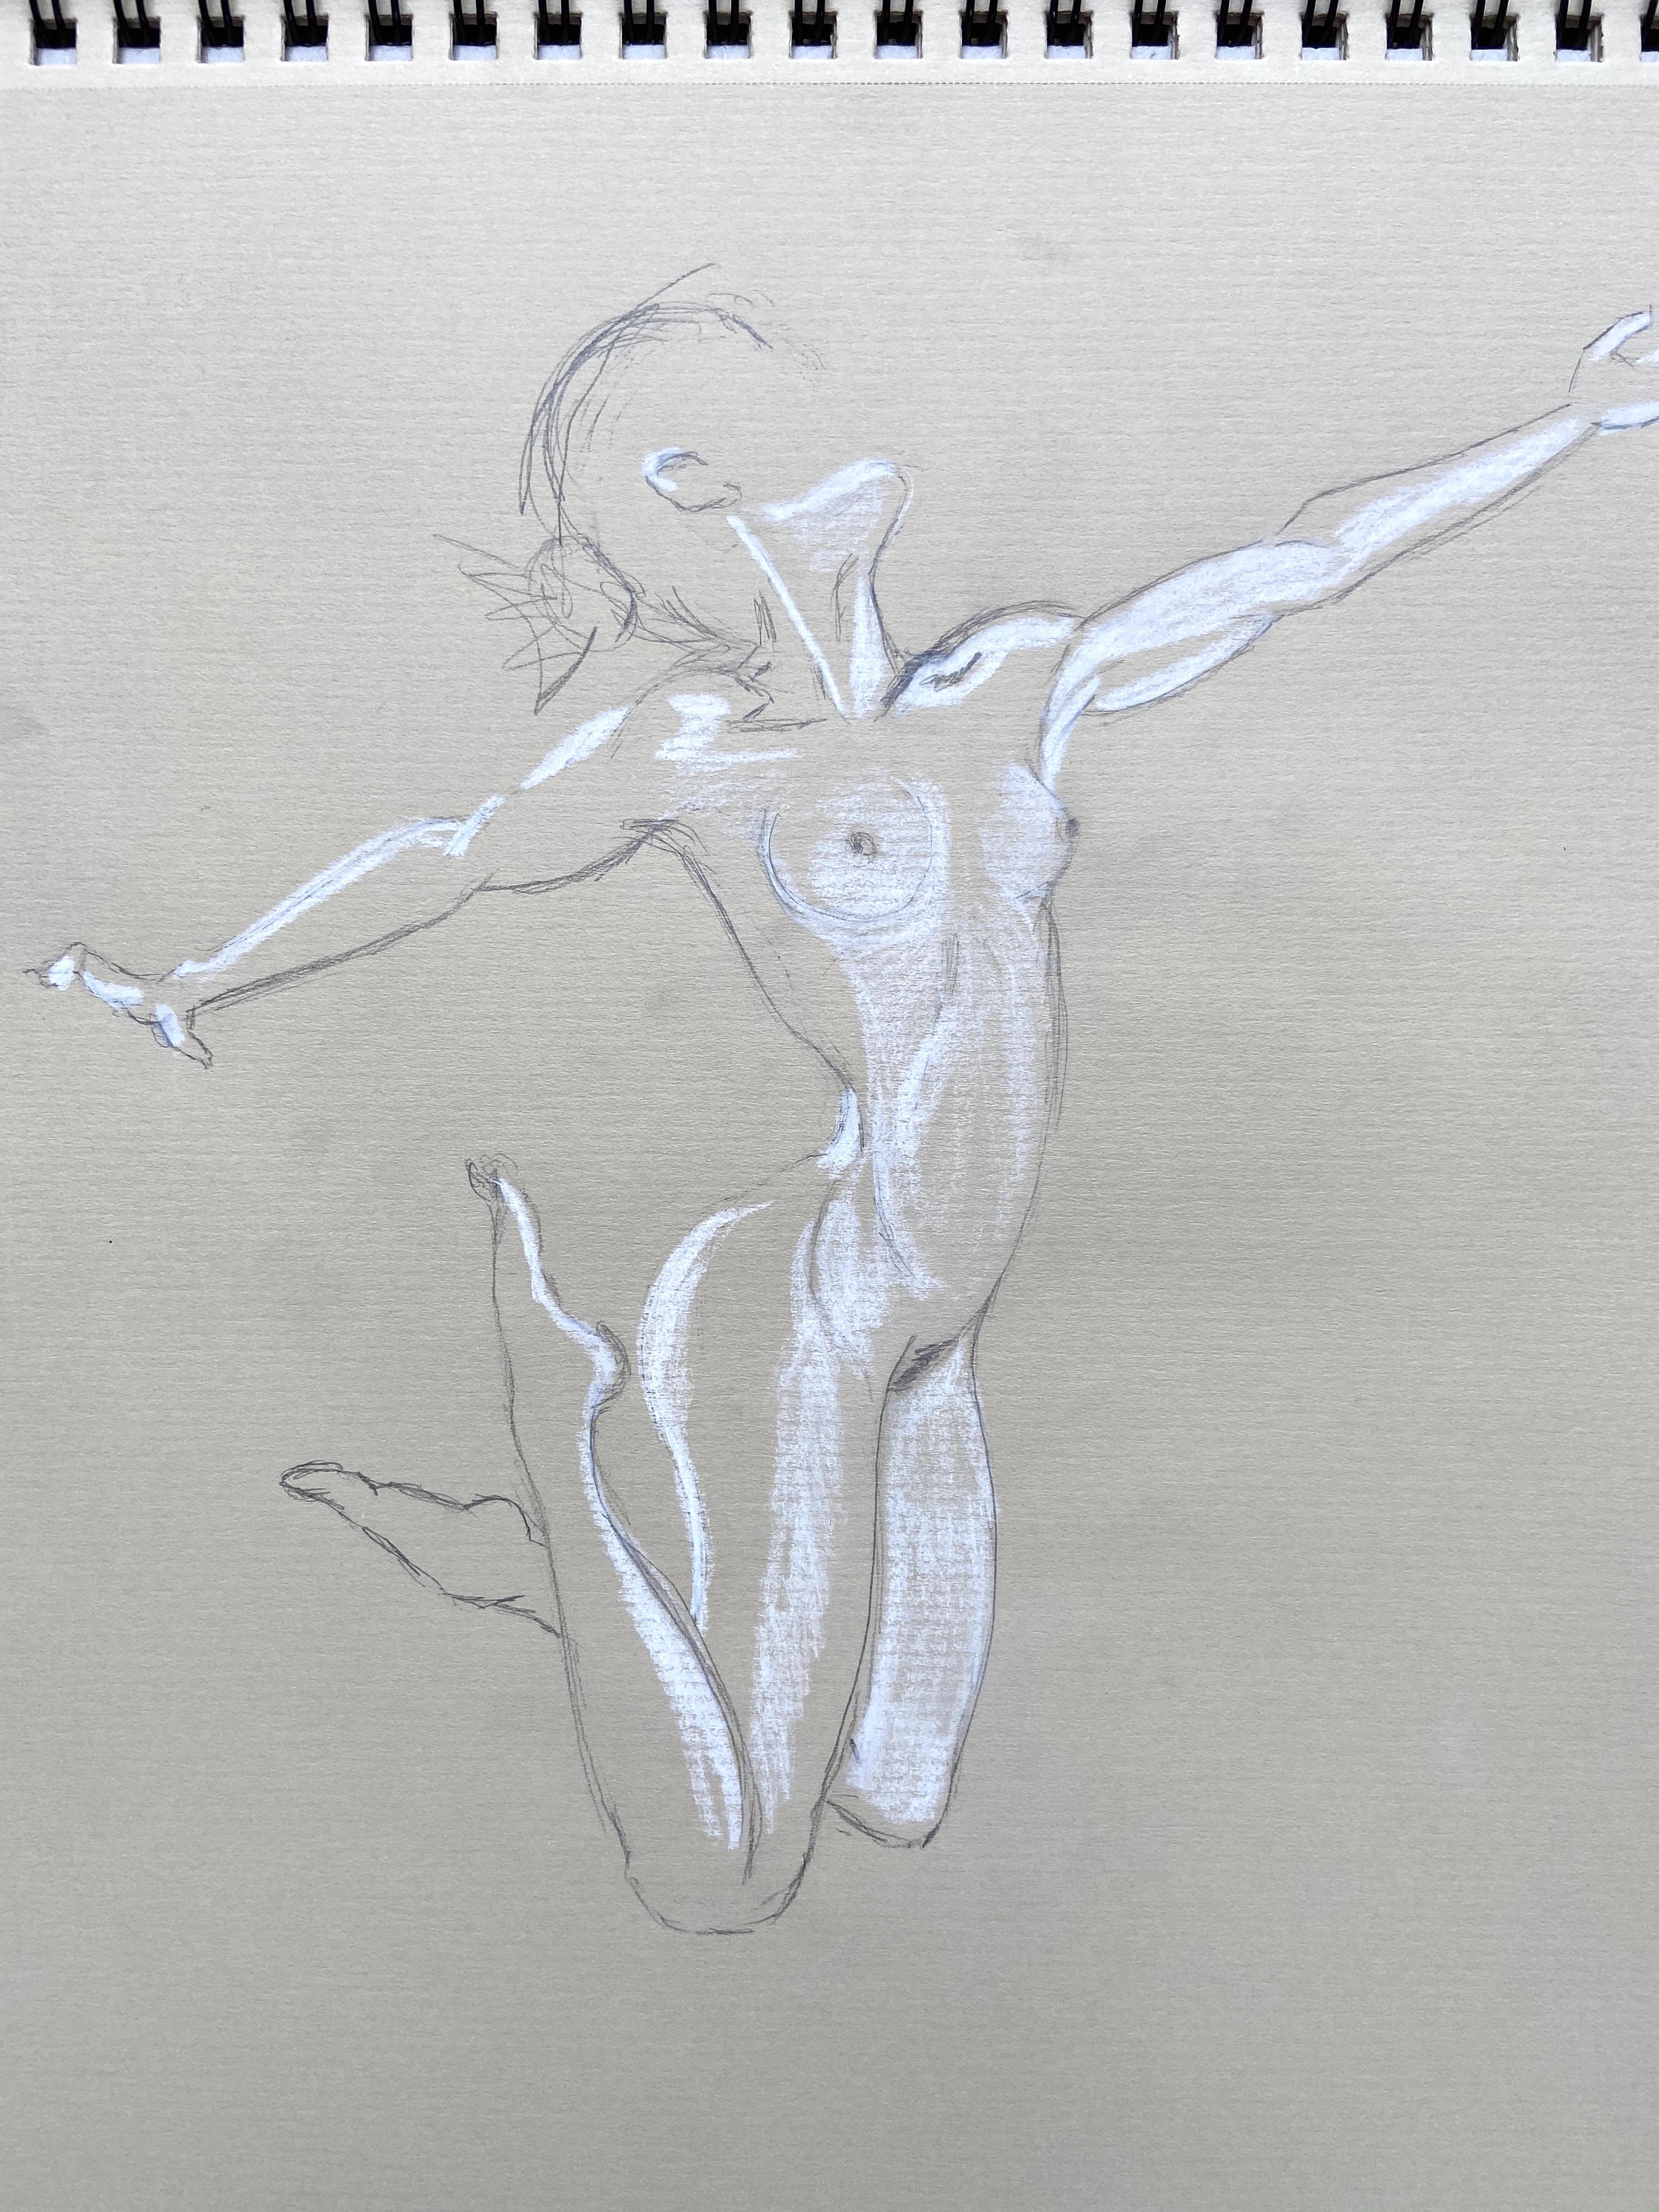 Dessin rapide graphite crayon blanc sur papier  cours de dessin